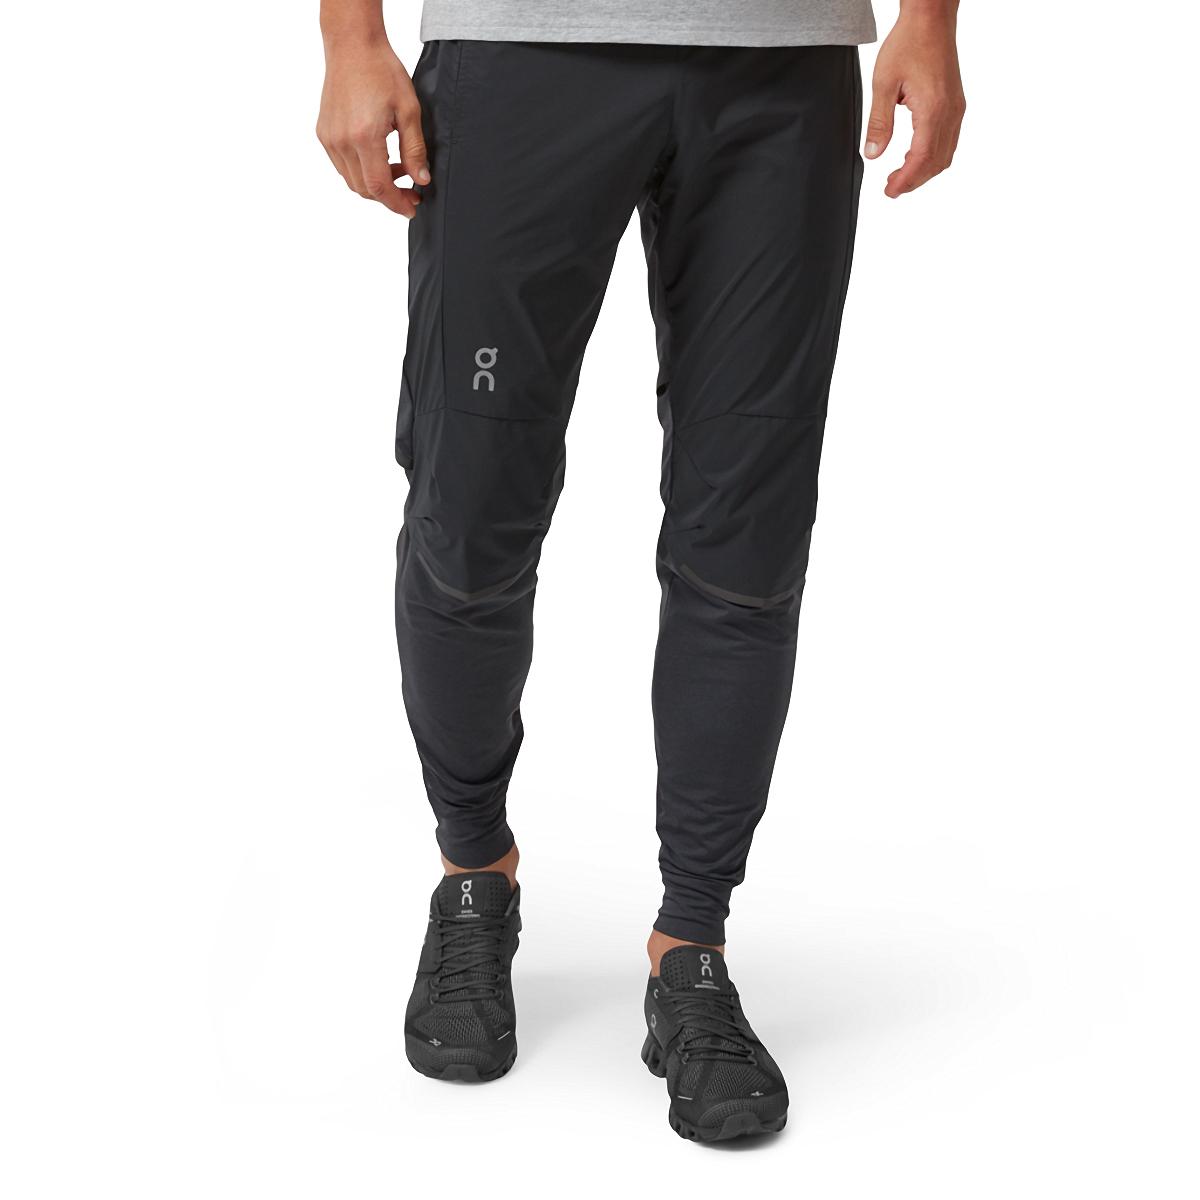 Men's On Running Pants - Color: Black - Size: S, Black, large, image 1